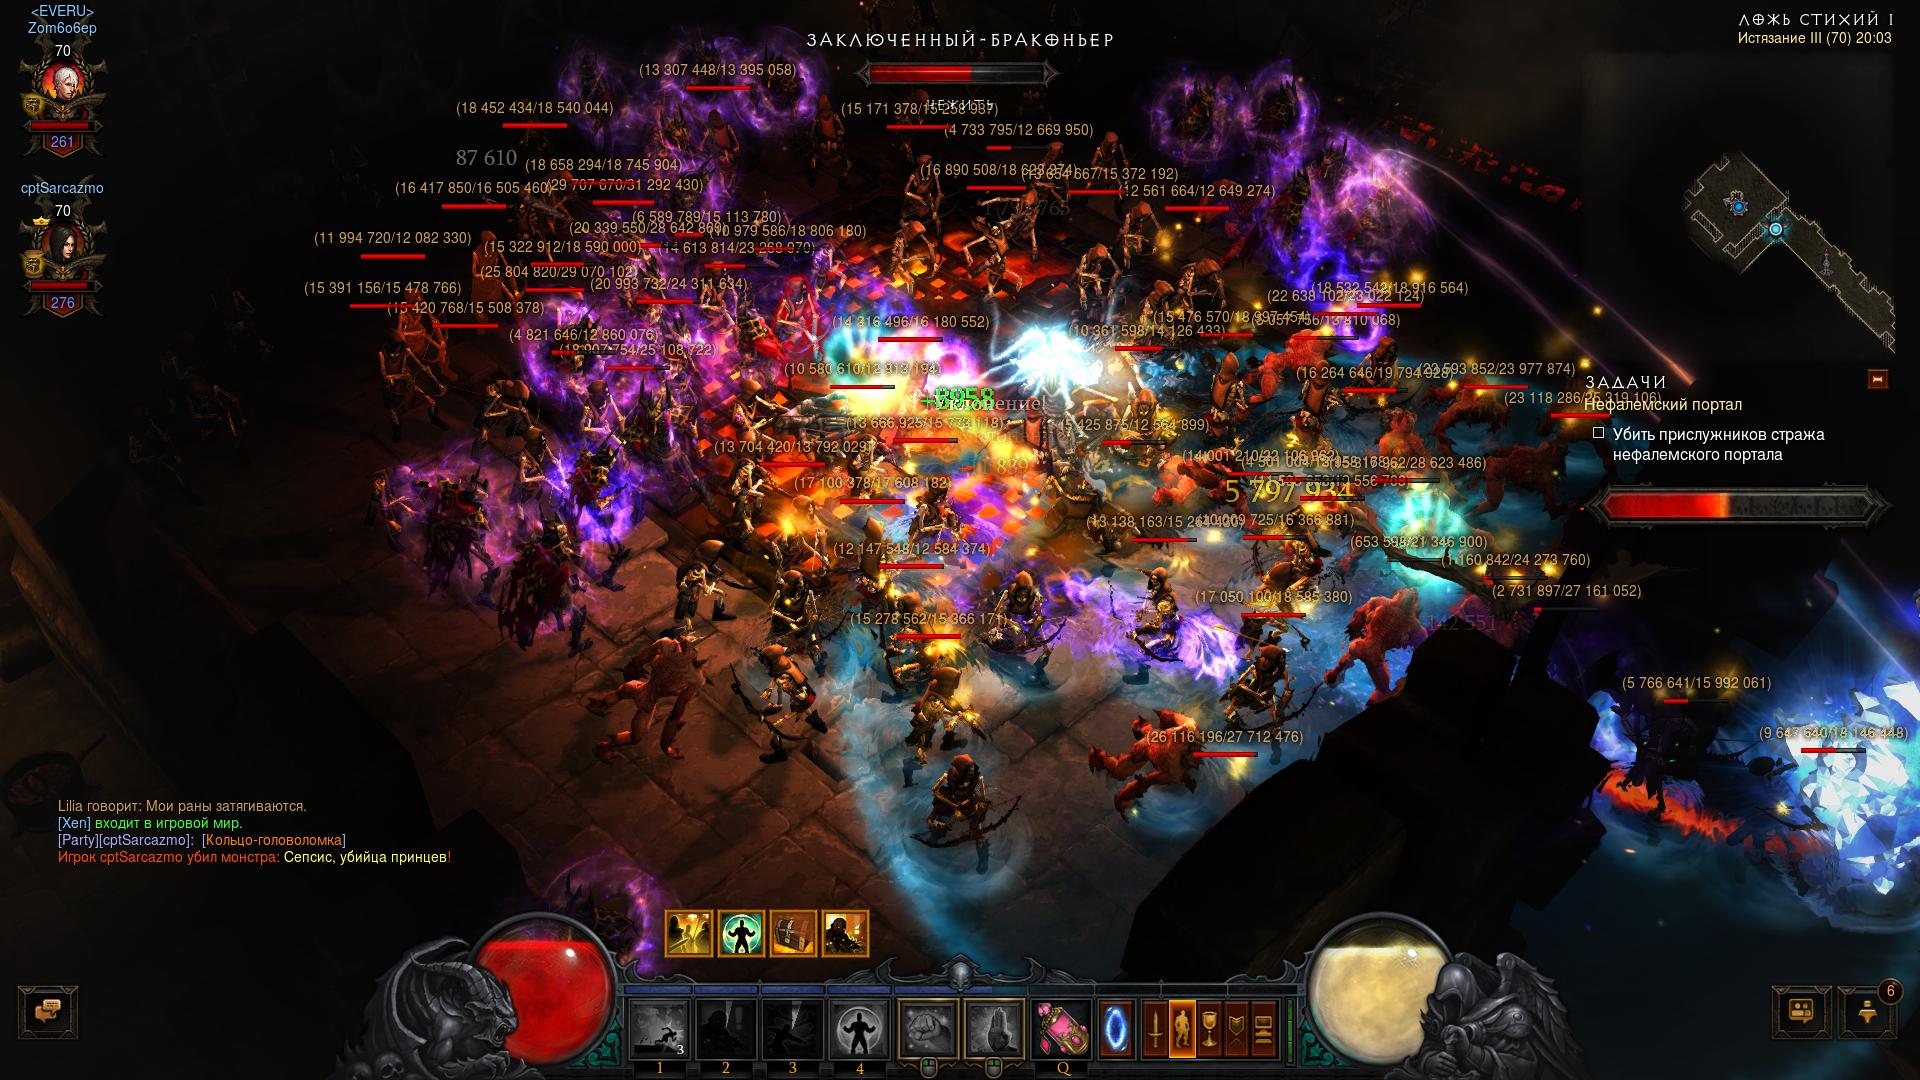 Diablo 3 - RoS: 2.1 - Изображение 1